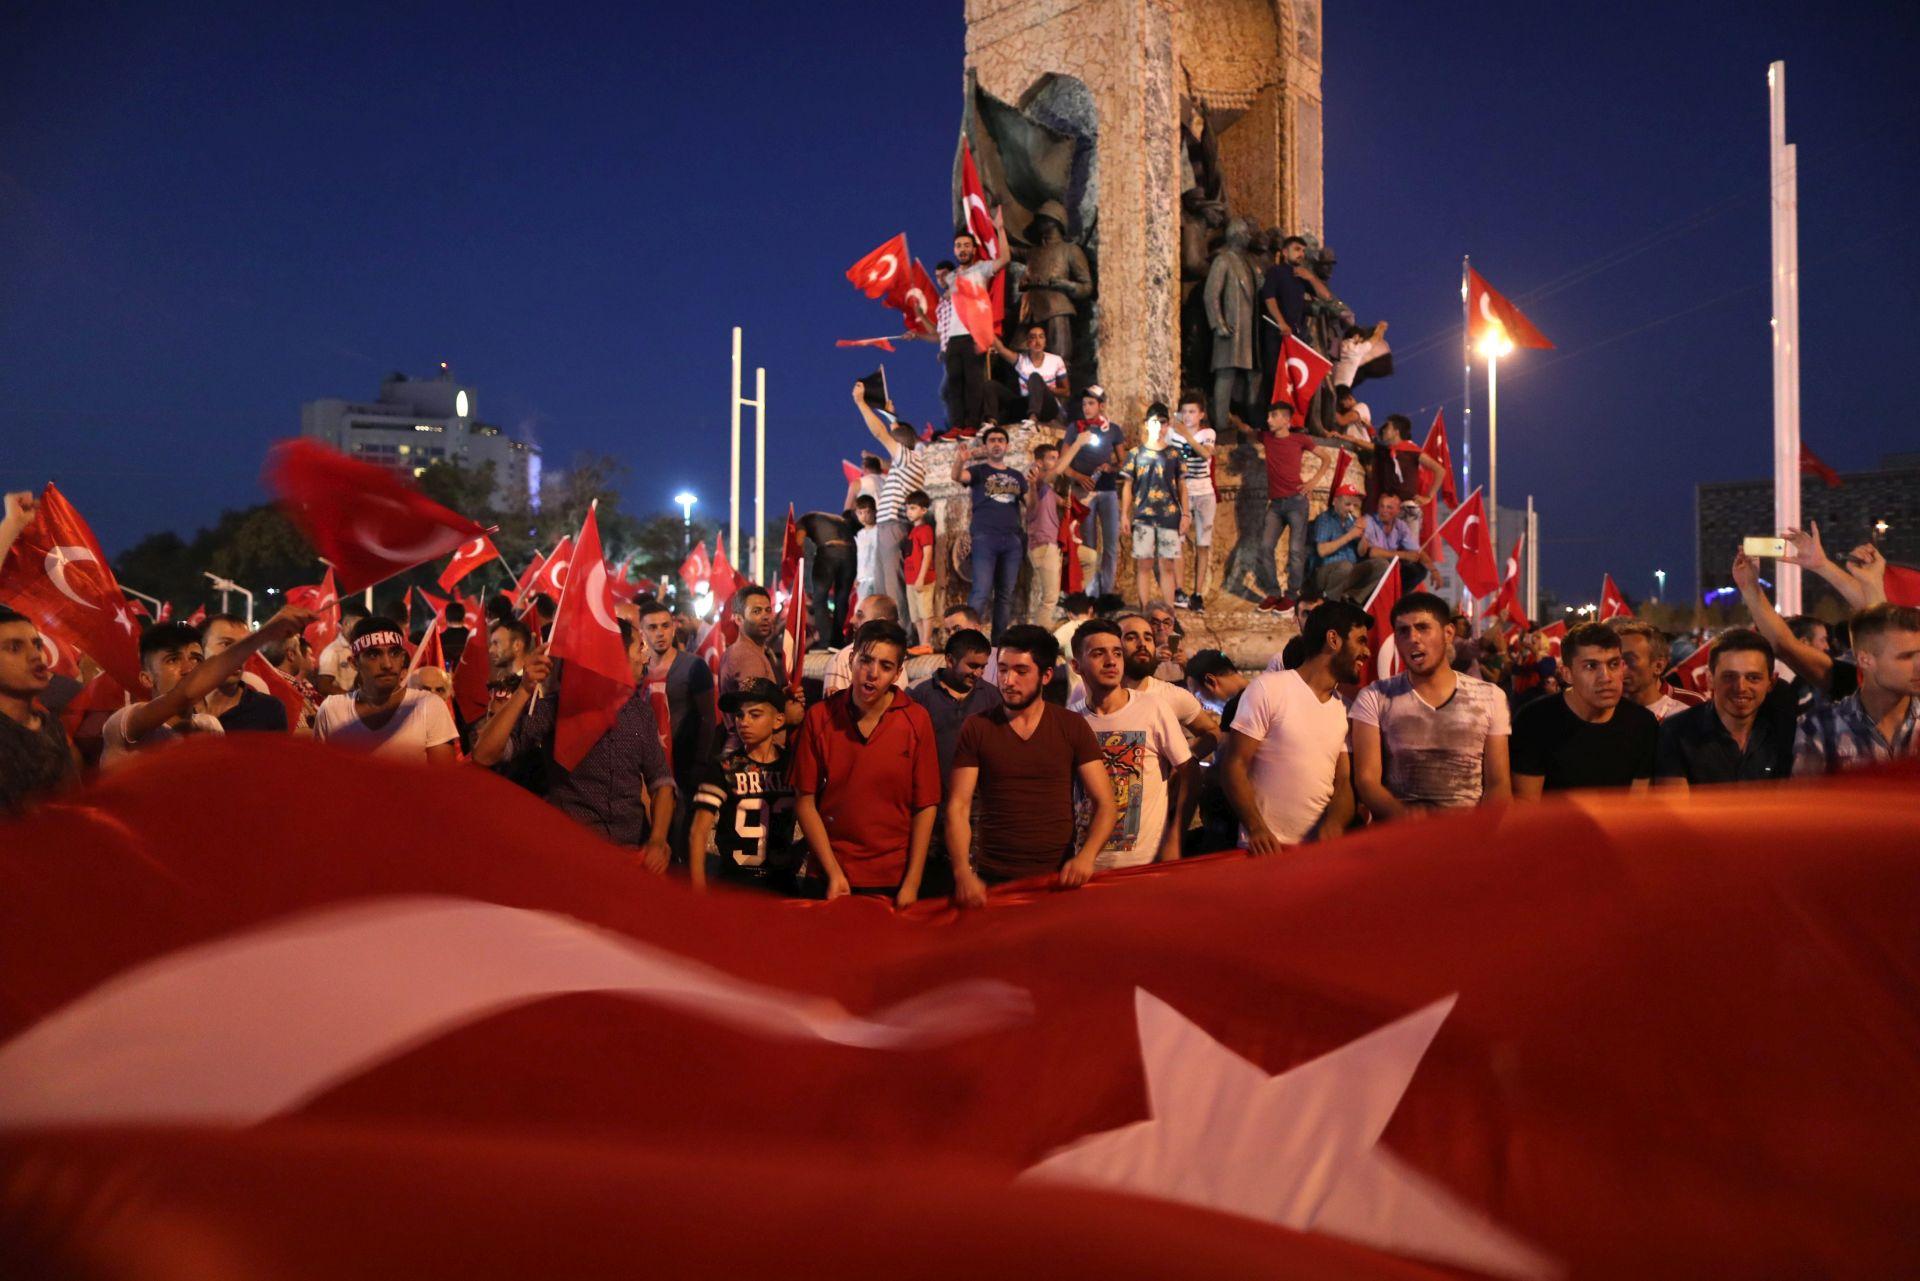 VLASTI UHIĆUJU OSUMNJIČENE: Erdoganovi pristaše slave propast puča